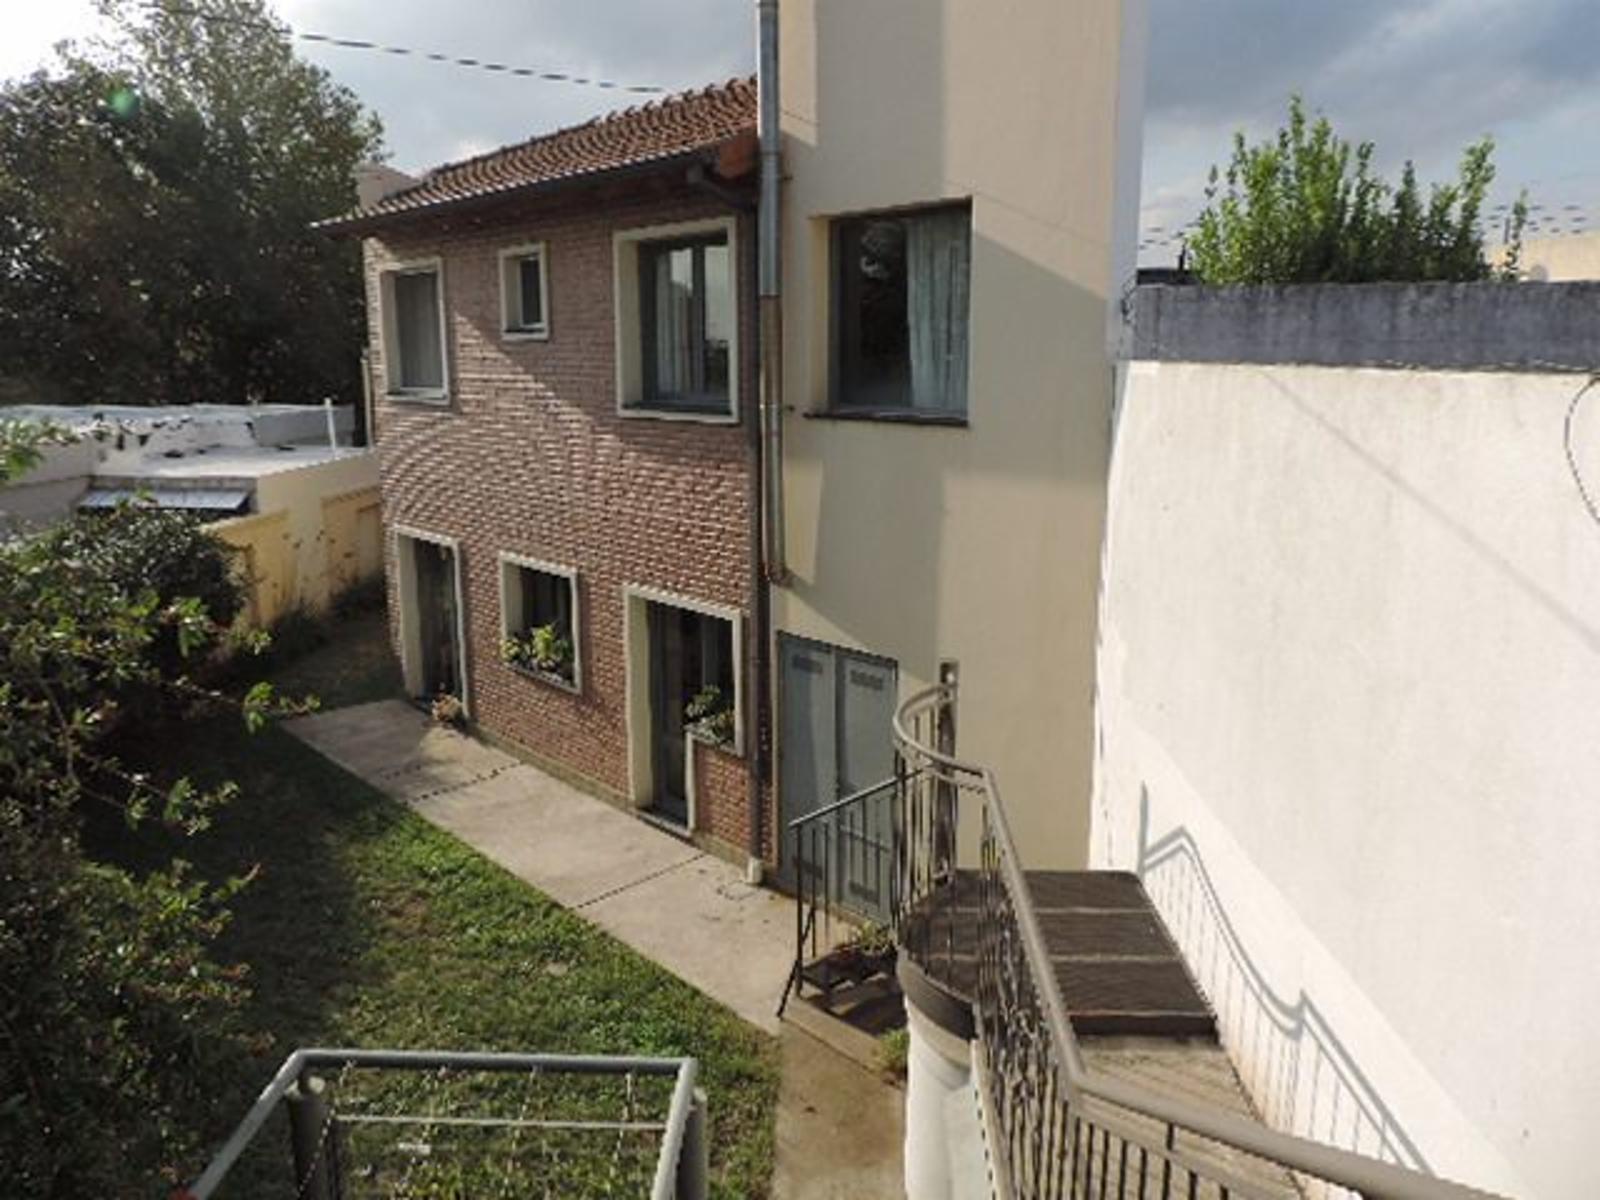 IMPECABLE Casa cercana a Villa Elvina. Para exigentes, Guillermo Sanchez Desarrollos Inmobiliarios